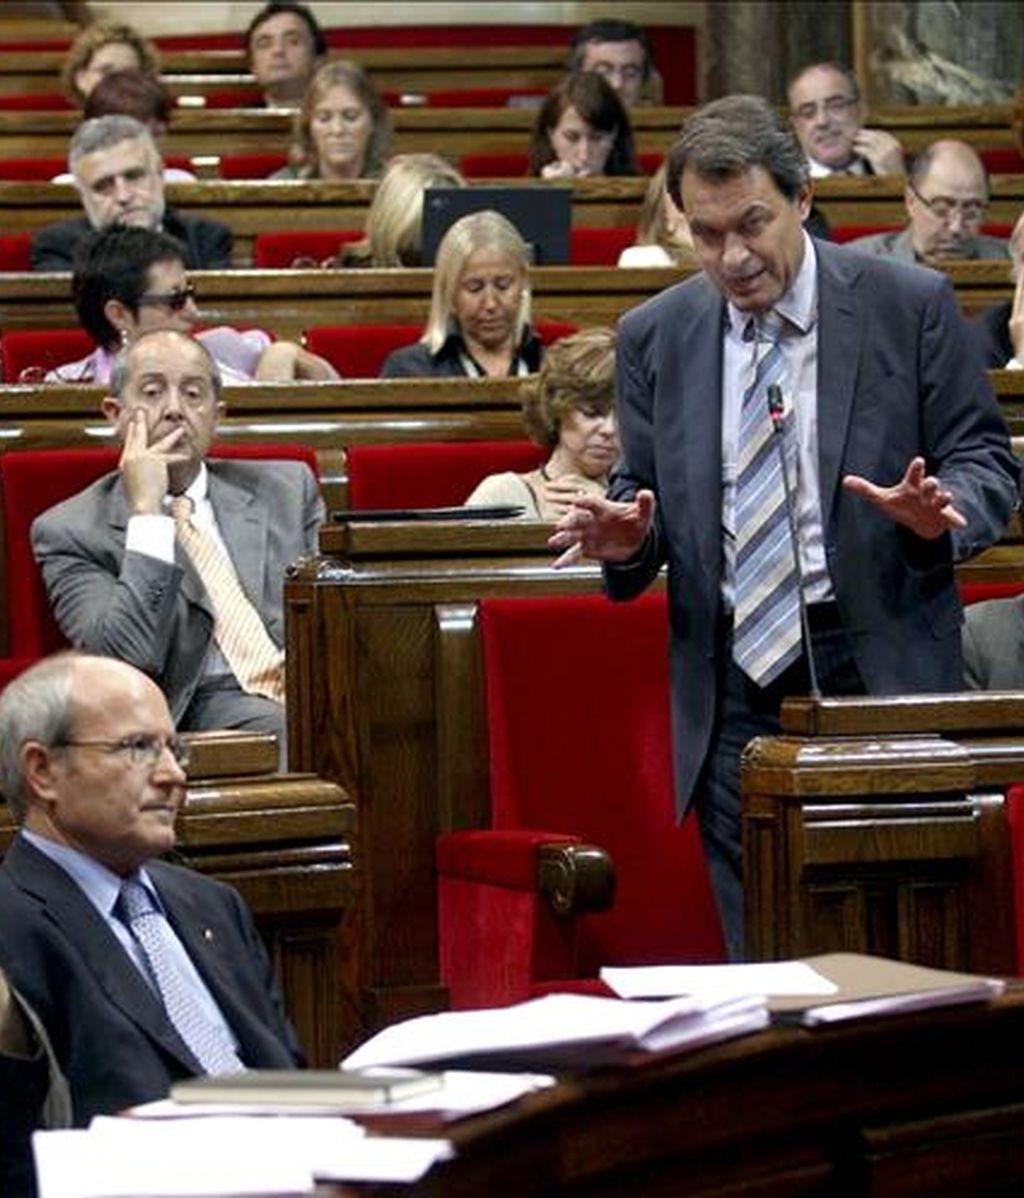 El presidente de la Generalitat, José Montilla (i), y el líder de CiU, Artur Mas (d), durante una sesión de control en el parlamento catalán. EFE/Archivo